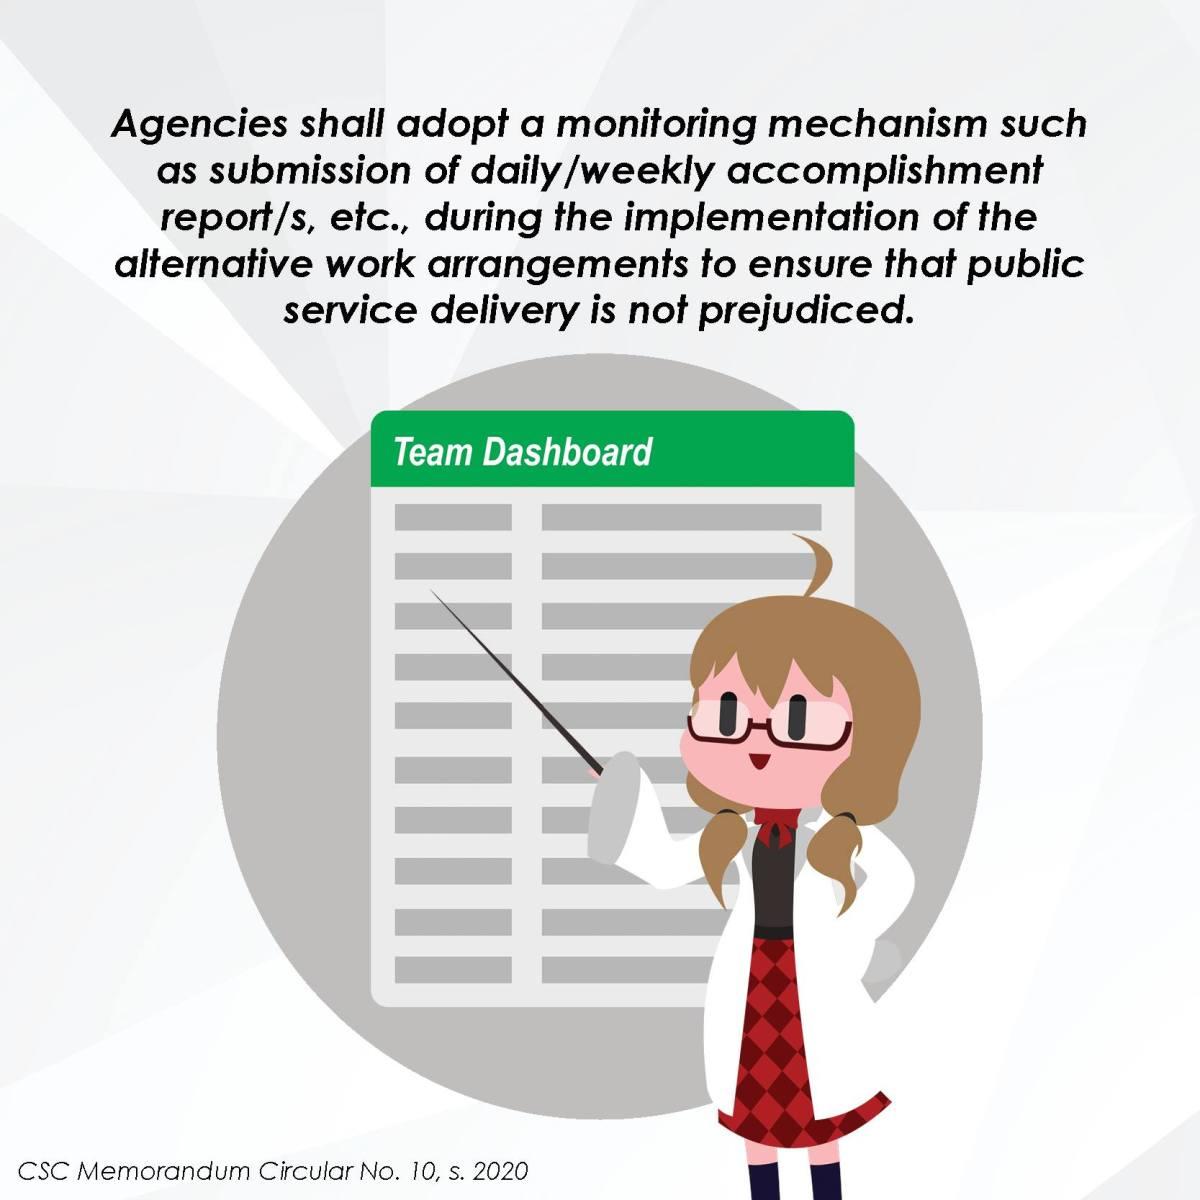 Agencies shall adopt a monitoring mechanism